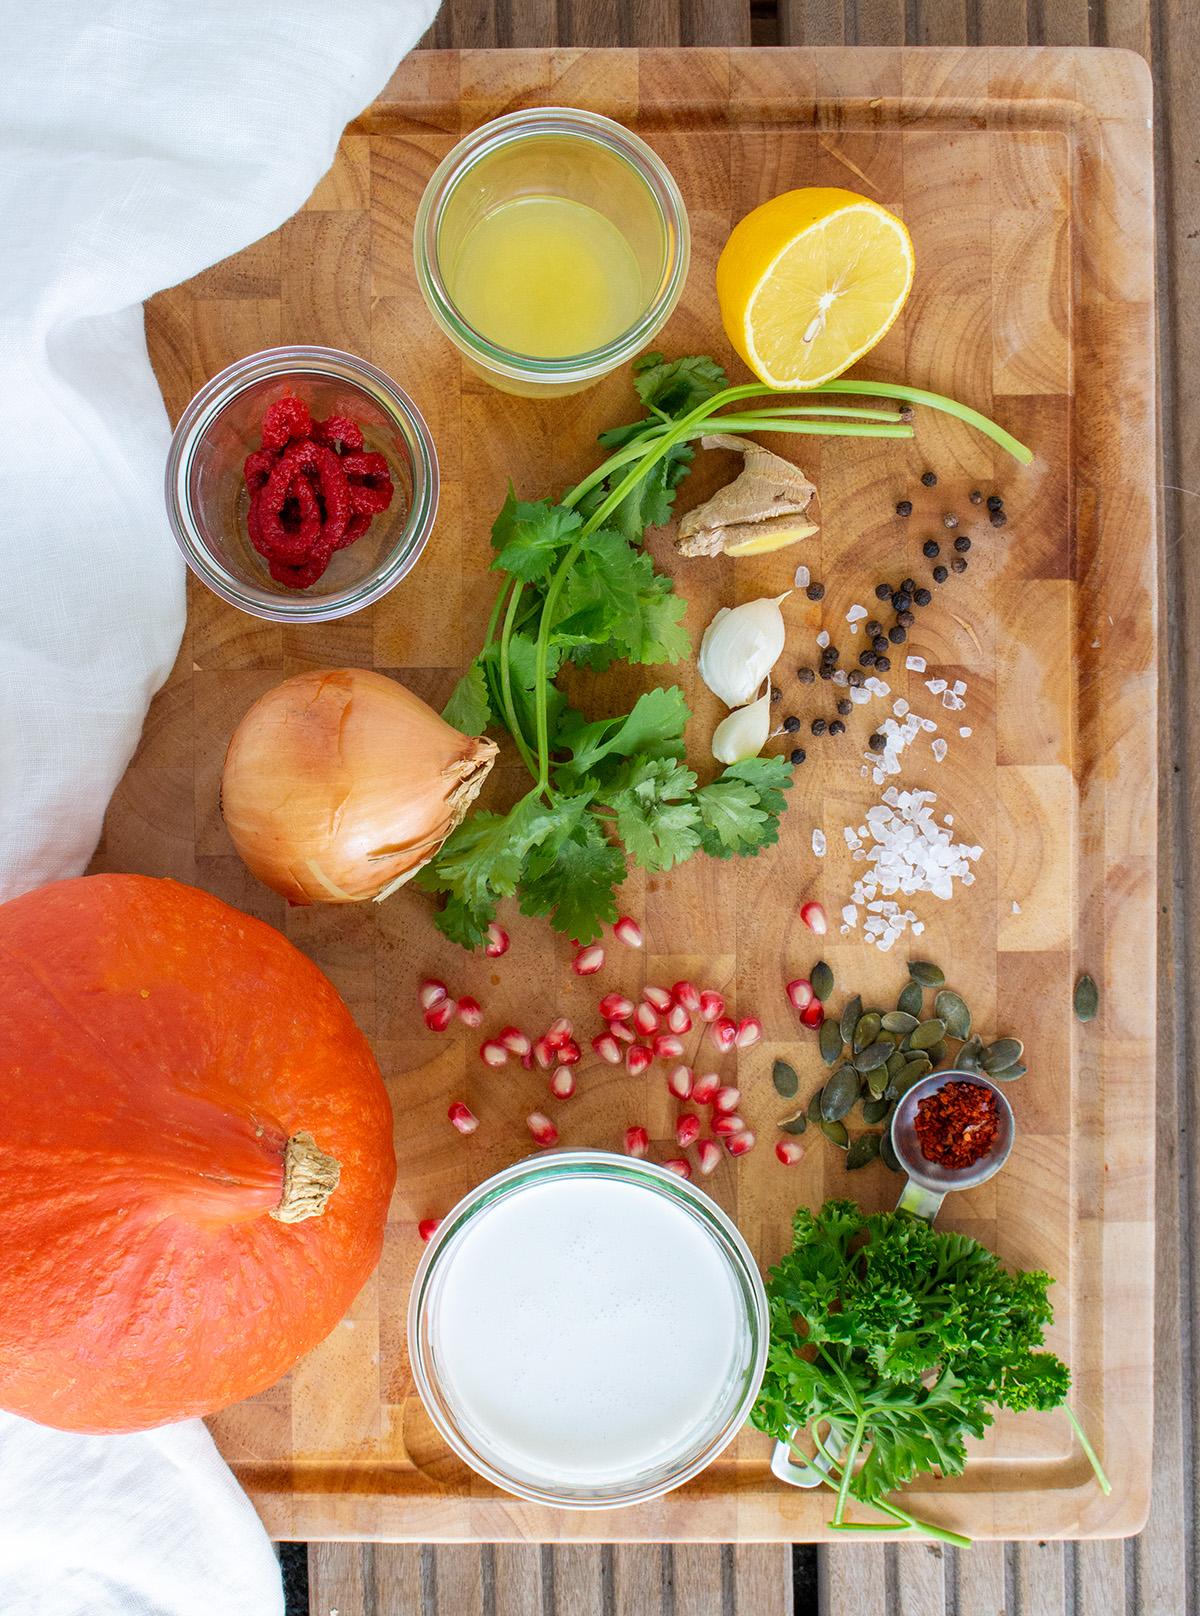 Ingredients Pumpkin Soup, Zutaten Kürbissuppe auf Holzuntergrund, Koriander, Kokosmilch, Zitrone, Cilantro, Coconut Milk, Lemon